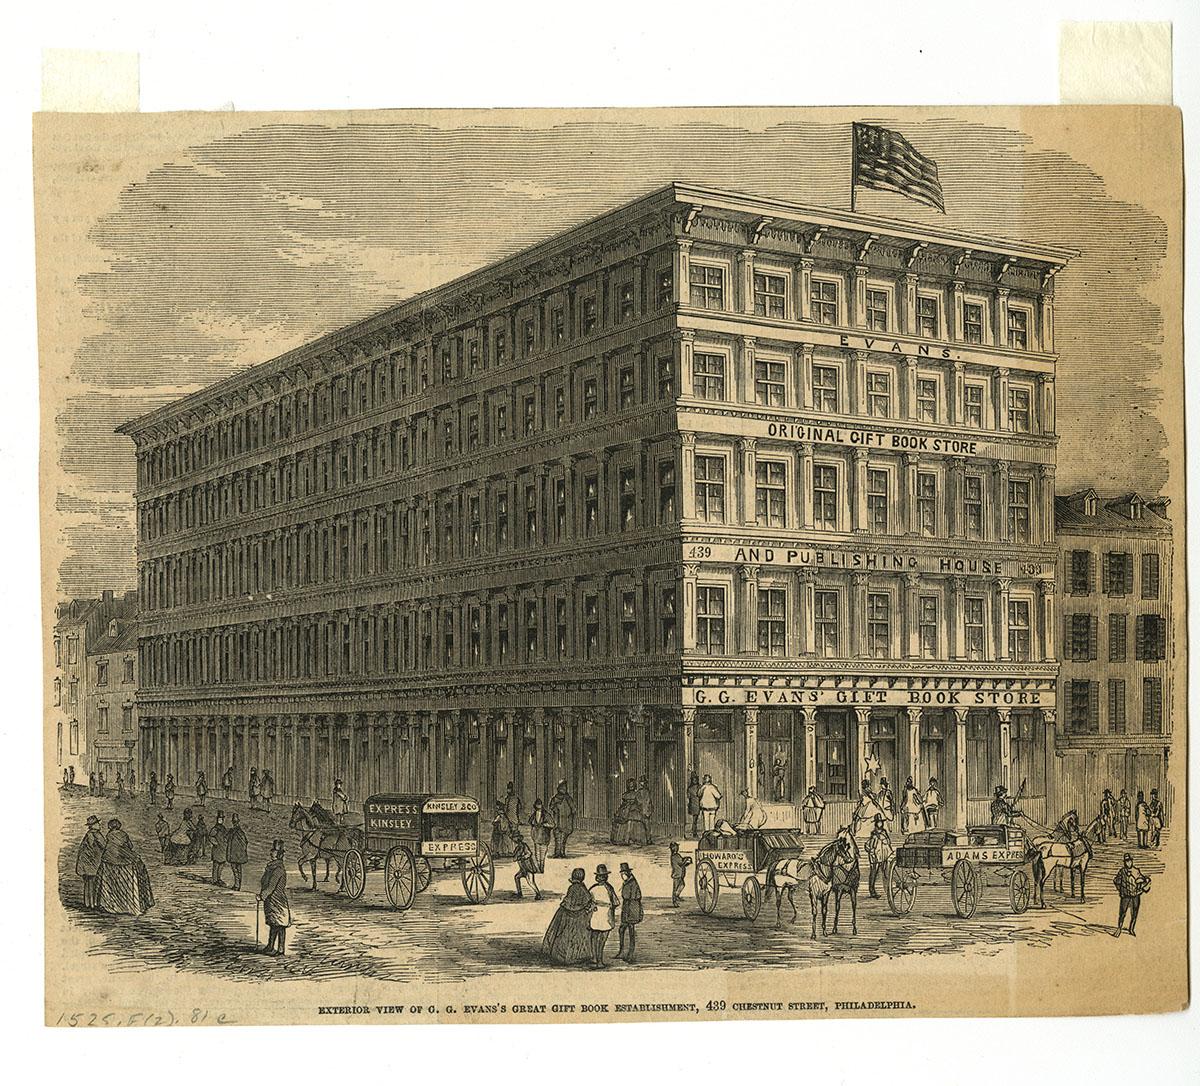 Exterior View of G.G. Evans's Great Gift Book Establishment, 439 Chestnut Street (Philadelphia. ca. 1860).